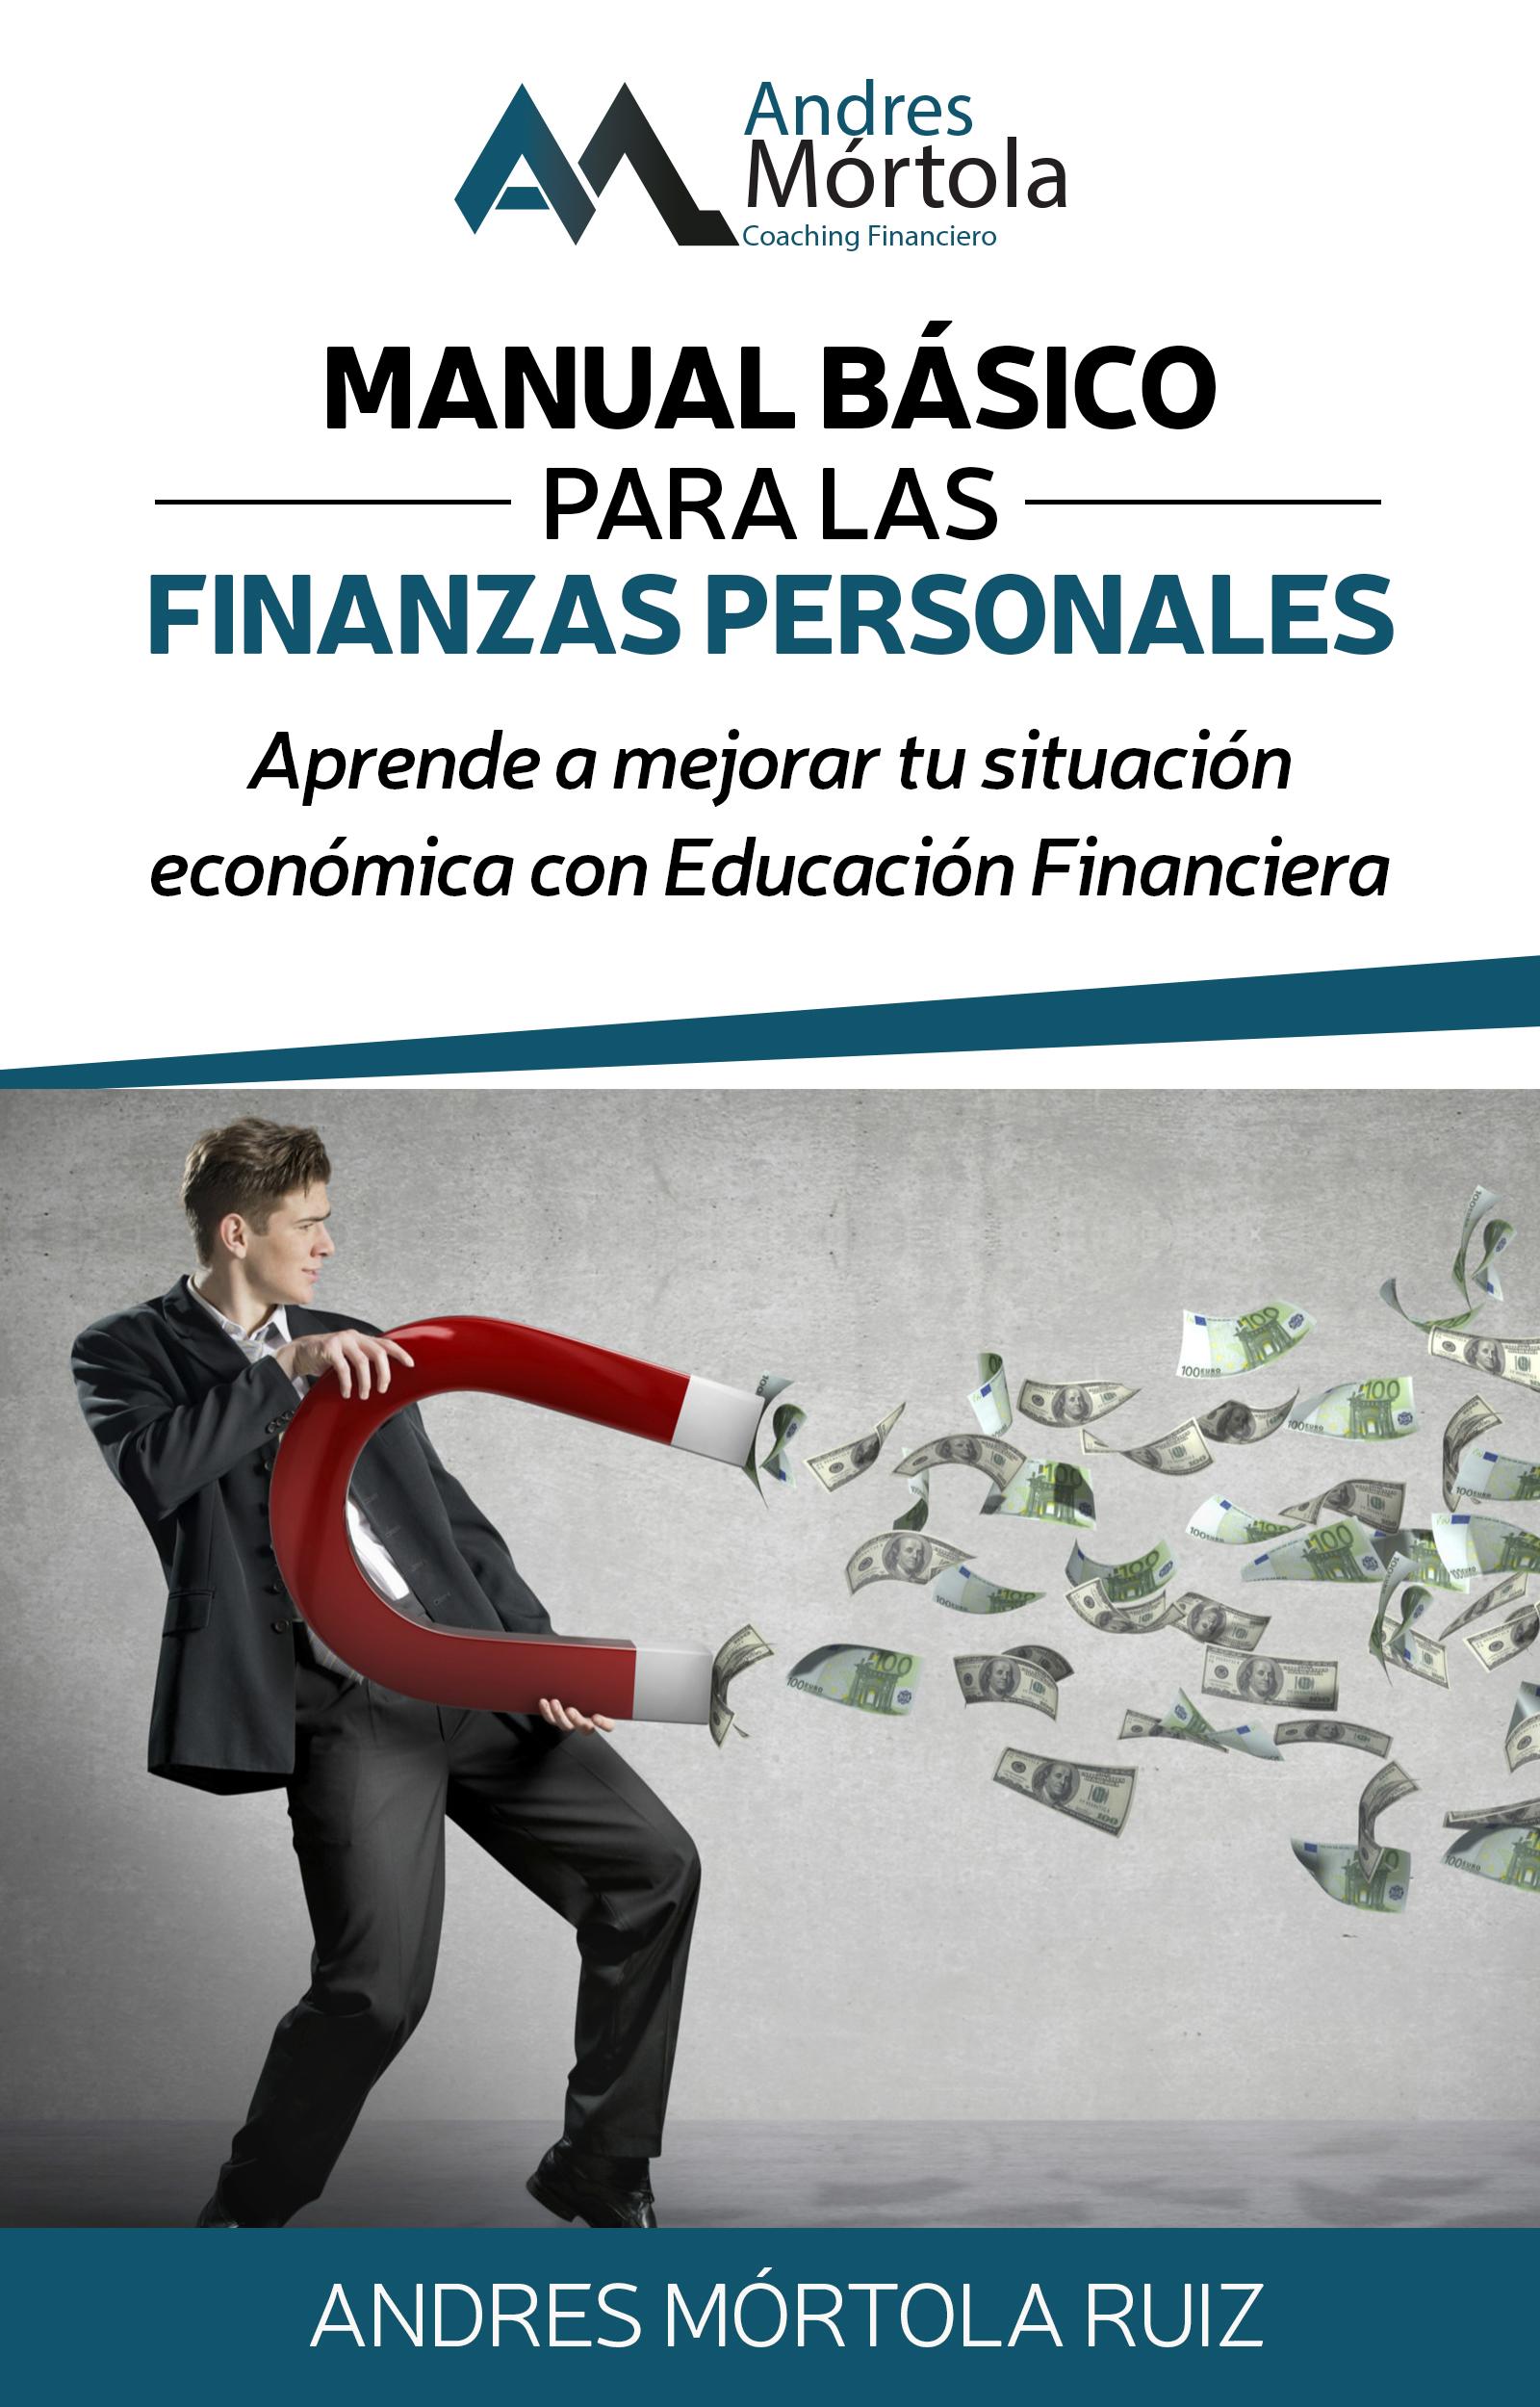 Manual básico para las finanzas personales